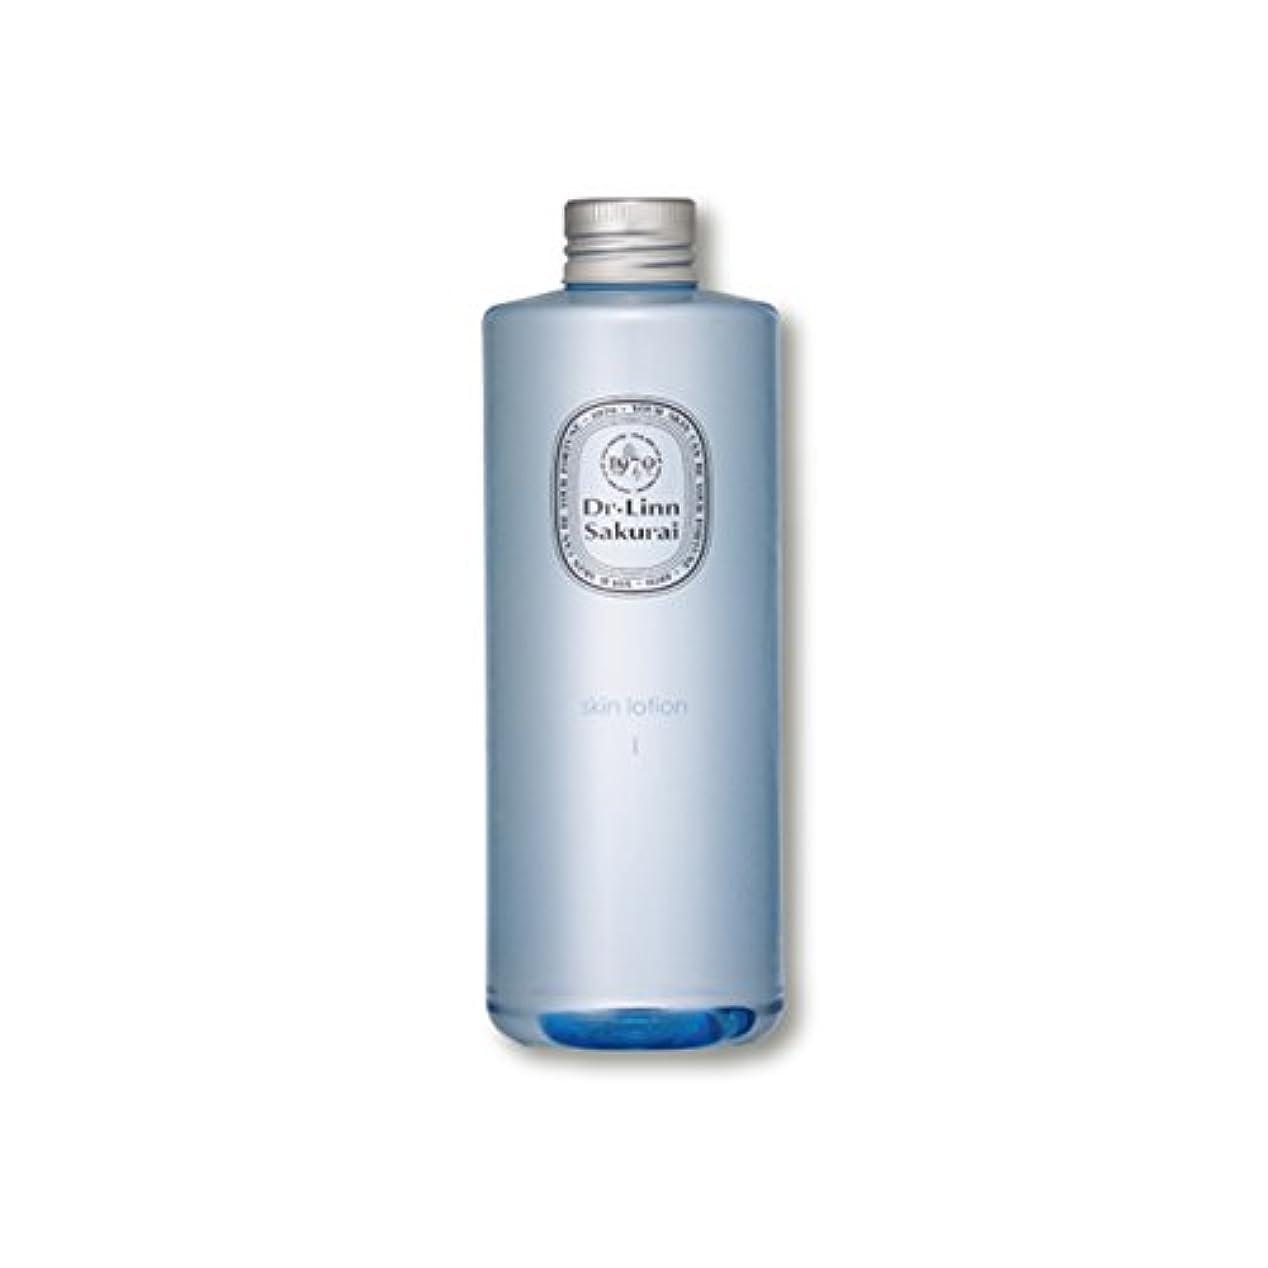 涙密接にバタフライドクターリンサクライ スキンローションI さっぱりタイプ 300ml  (化粧水)